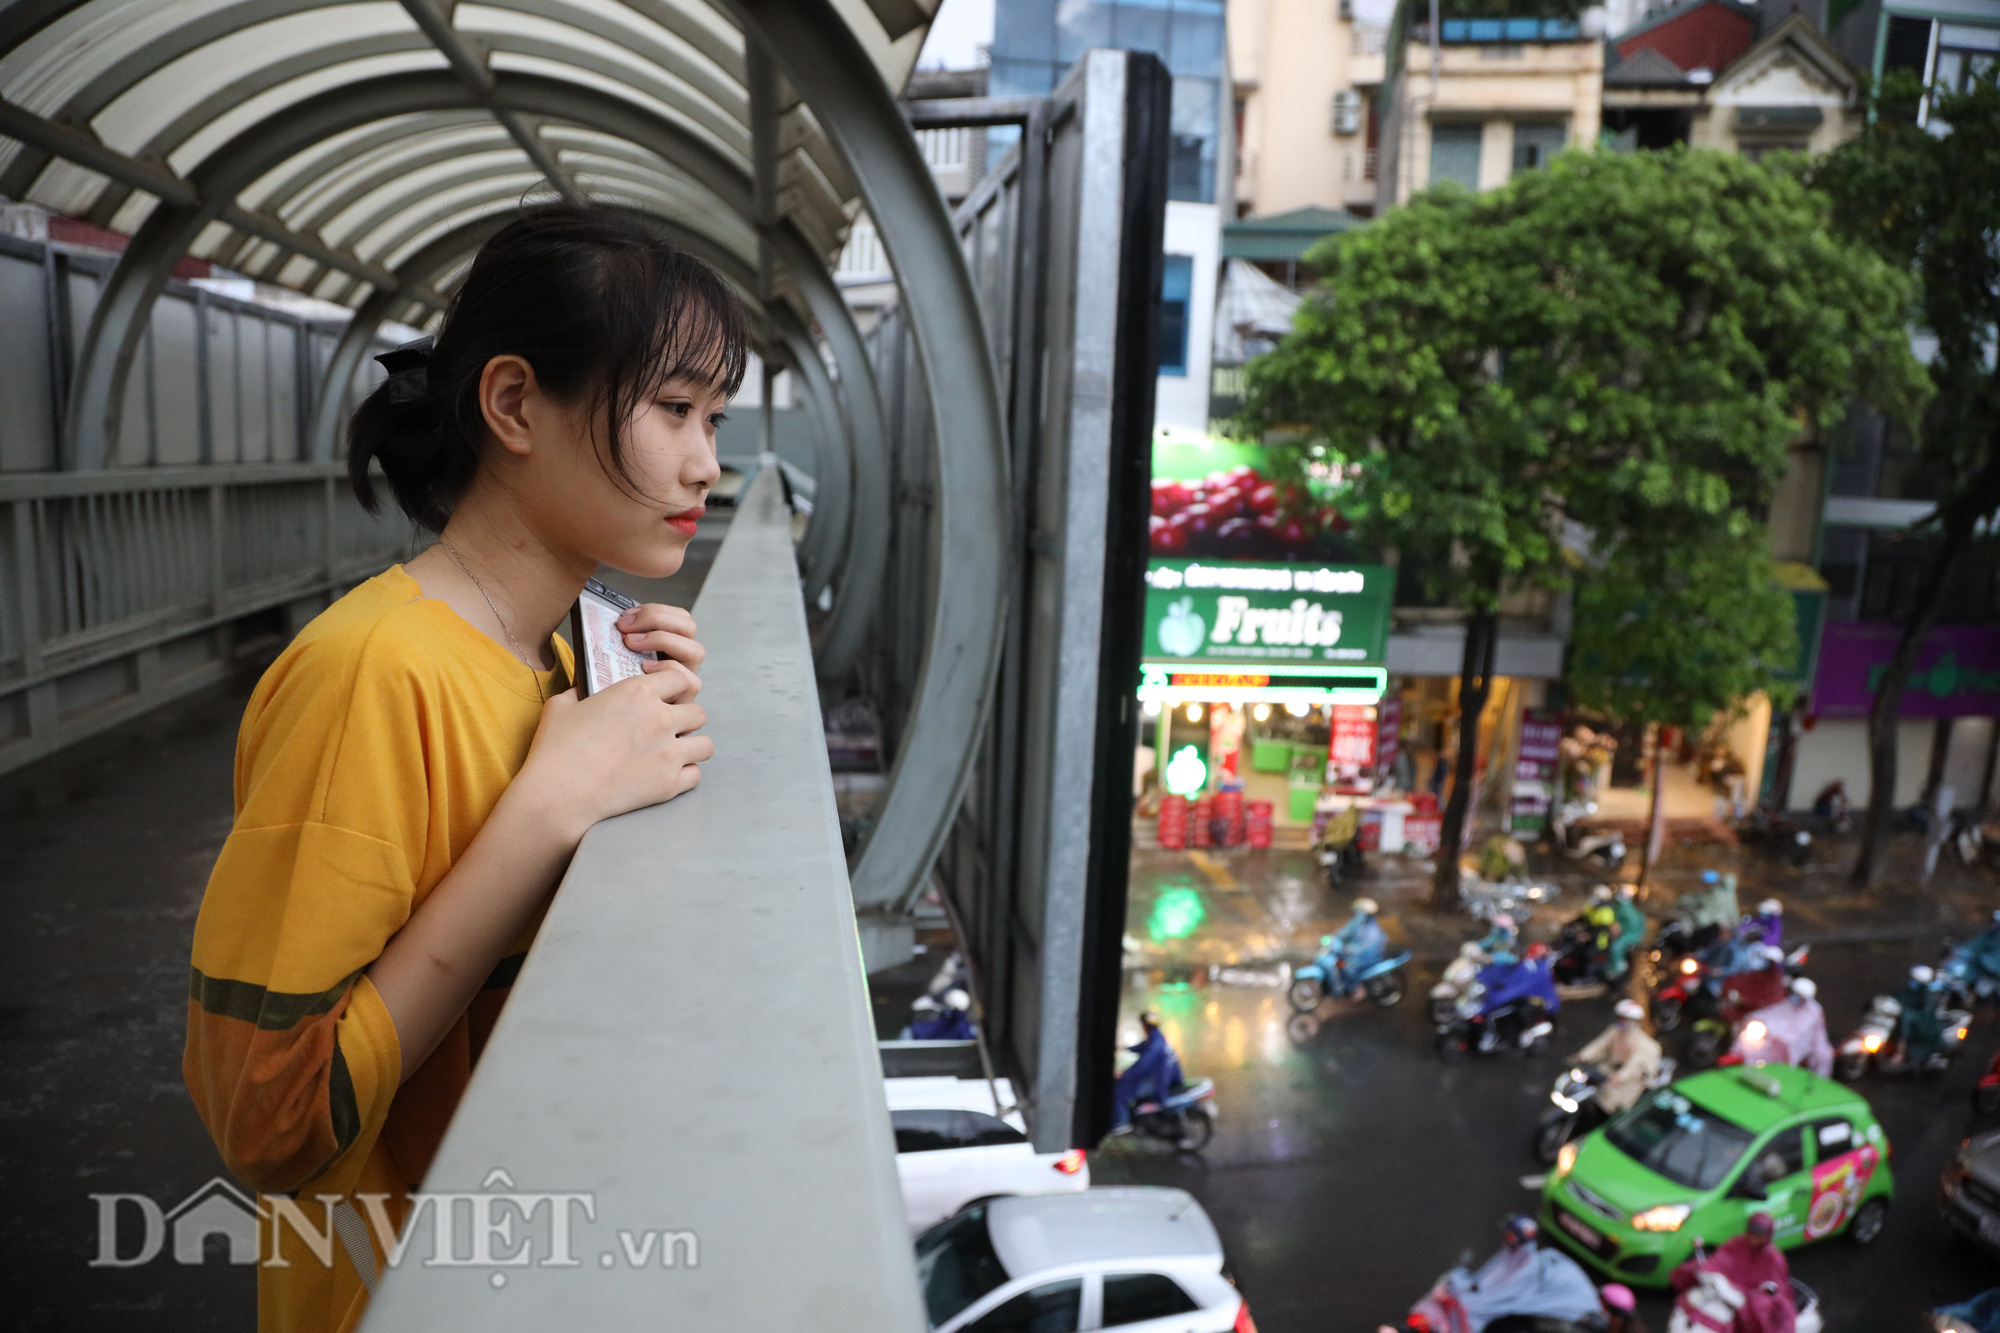 Hà Nội giảm 10 độ sau cơn mưa vàng - Ảnh 10.